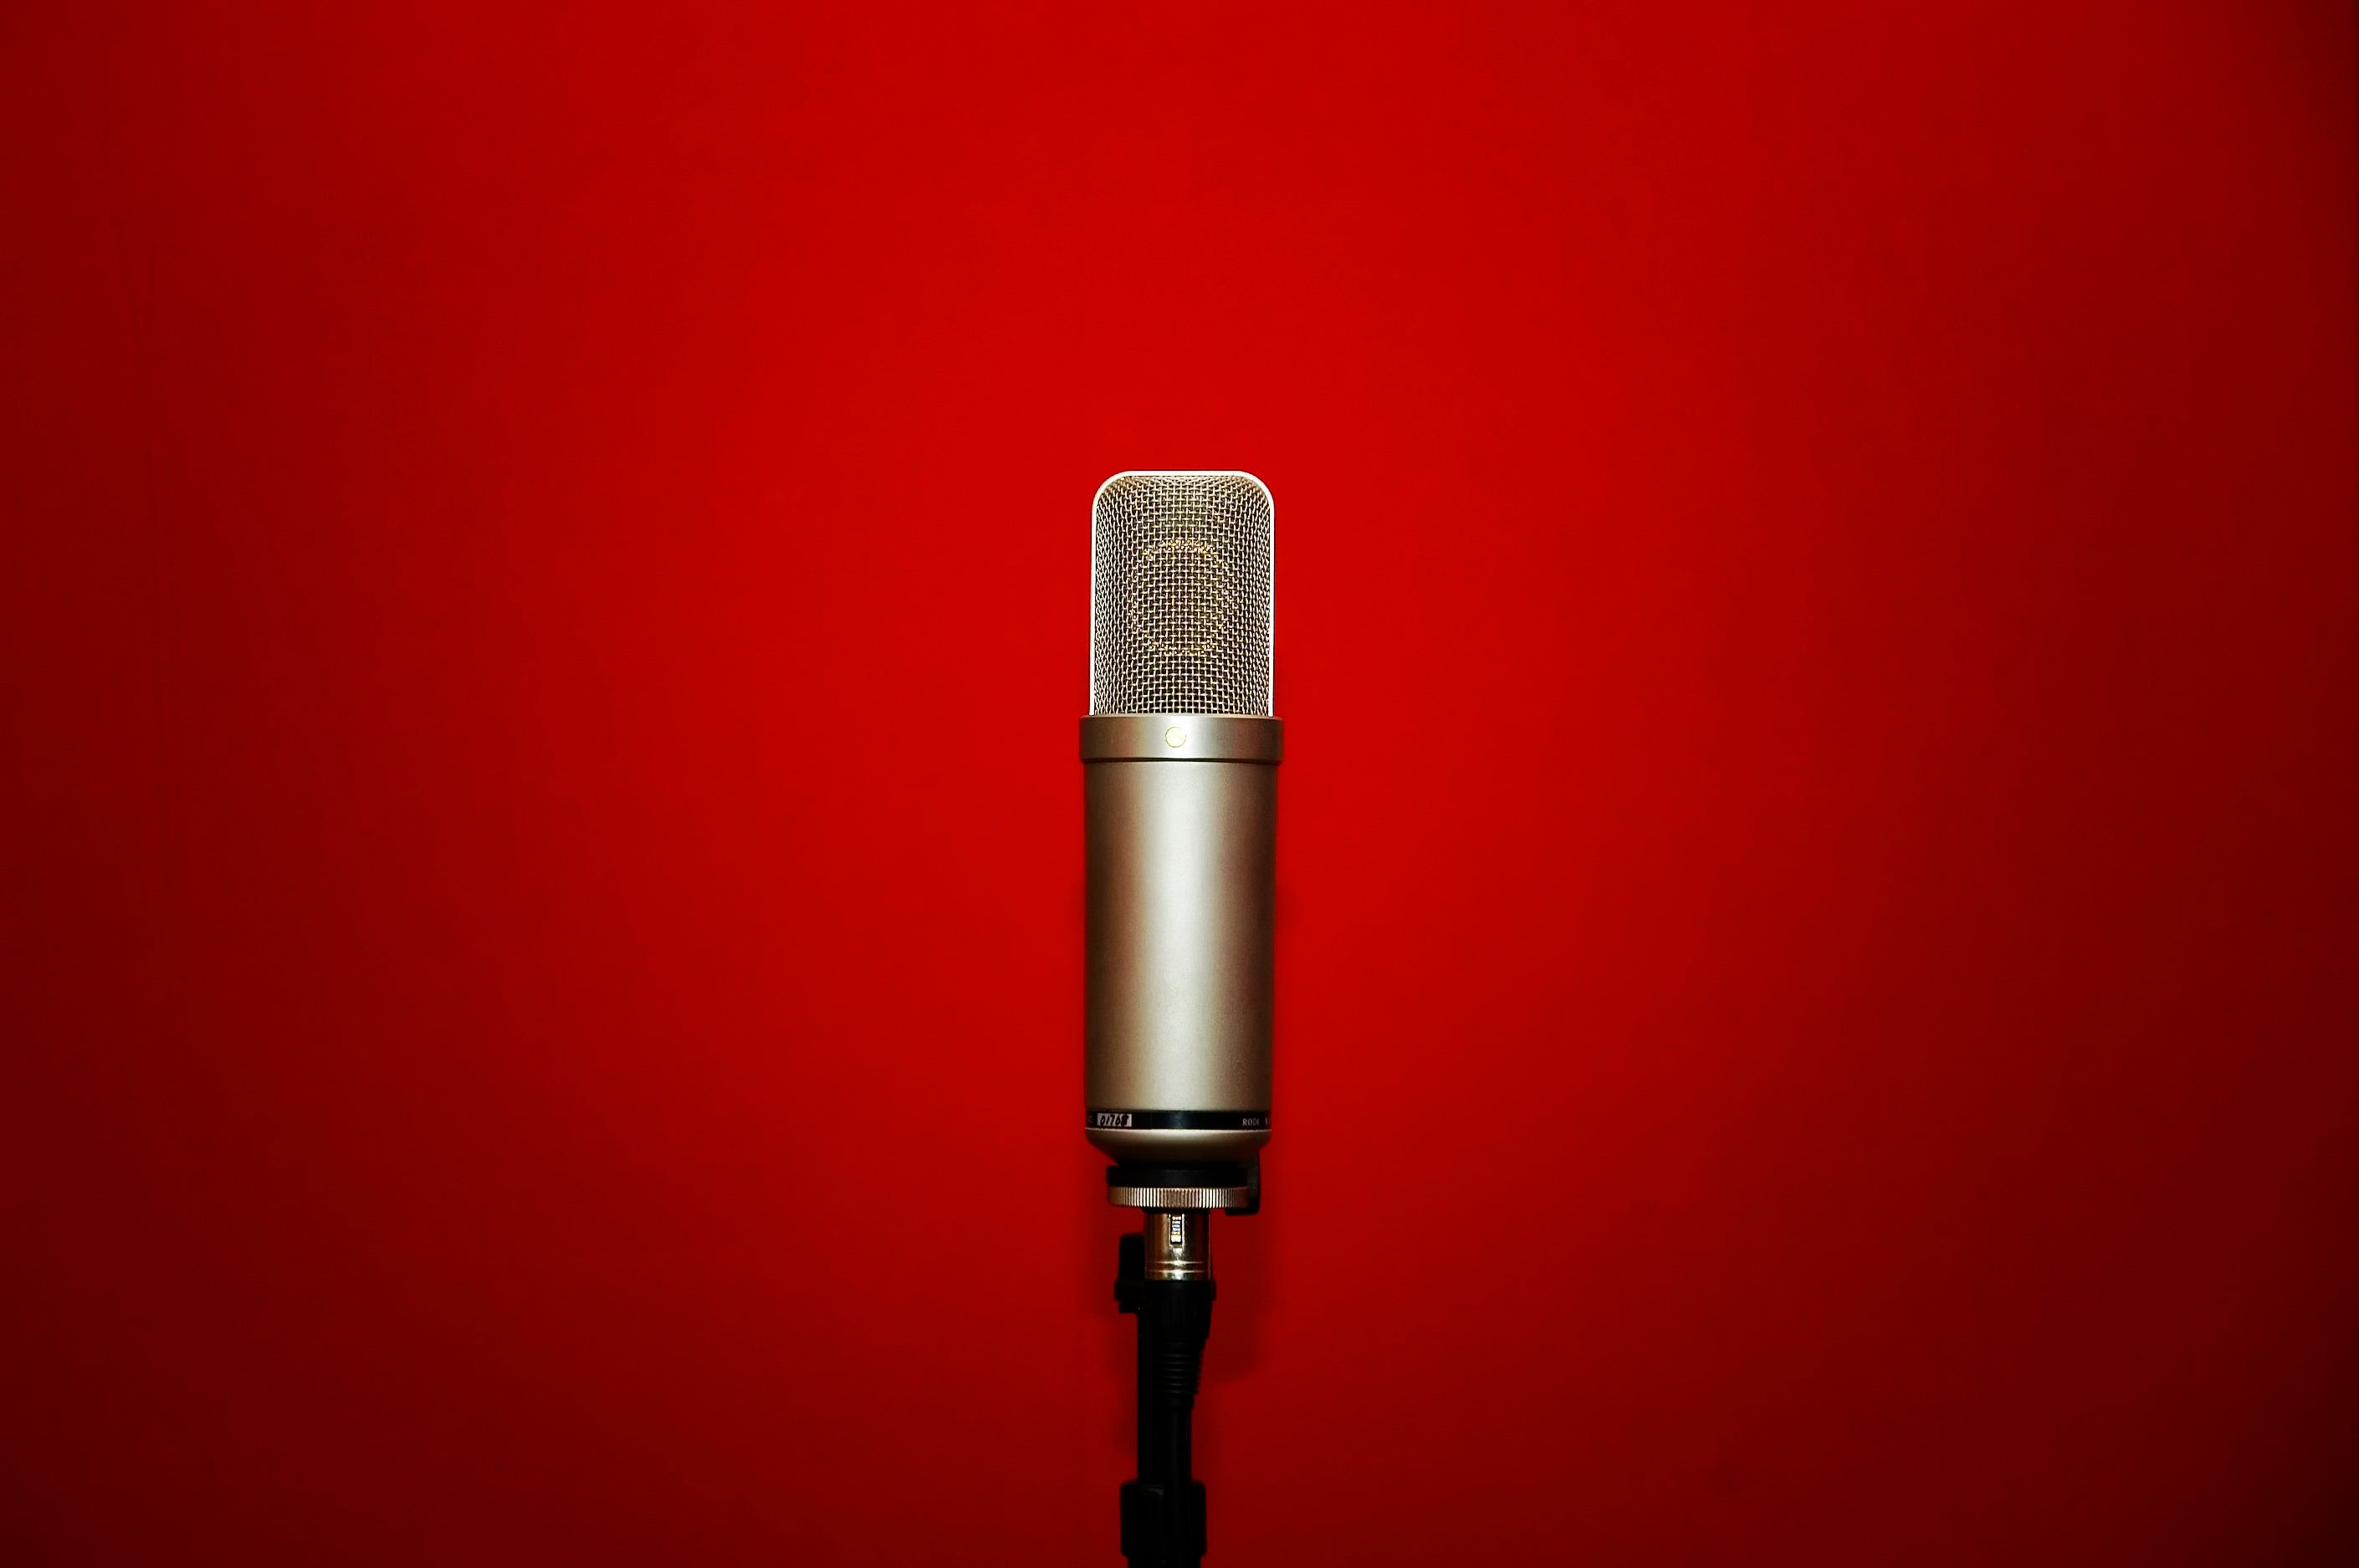 목소리가 너무 좋아 계속 듣고 싶어지는 TV 광고